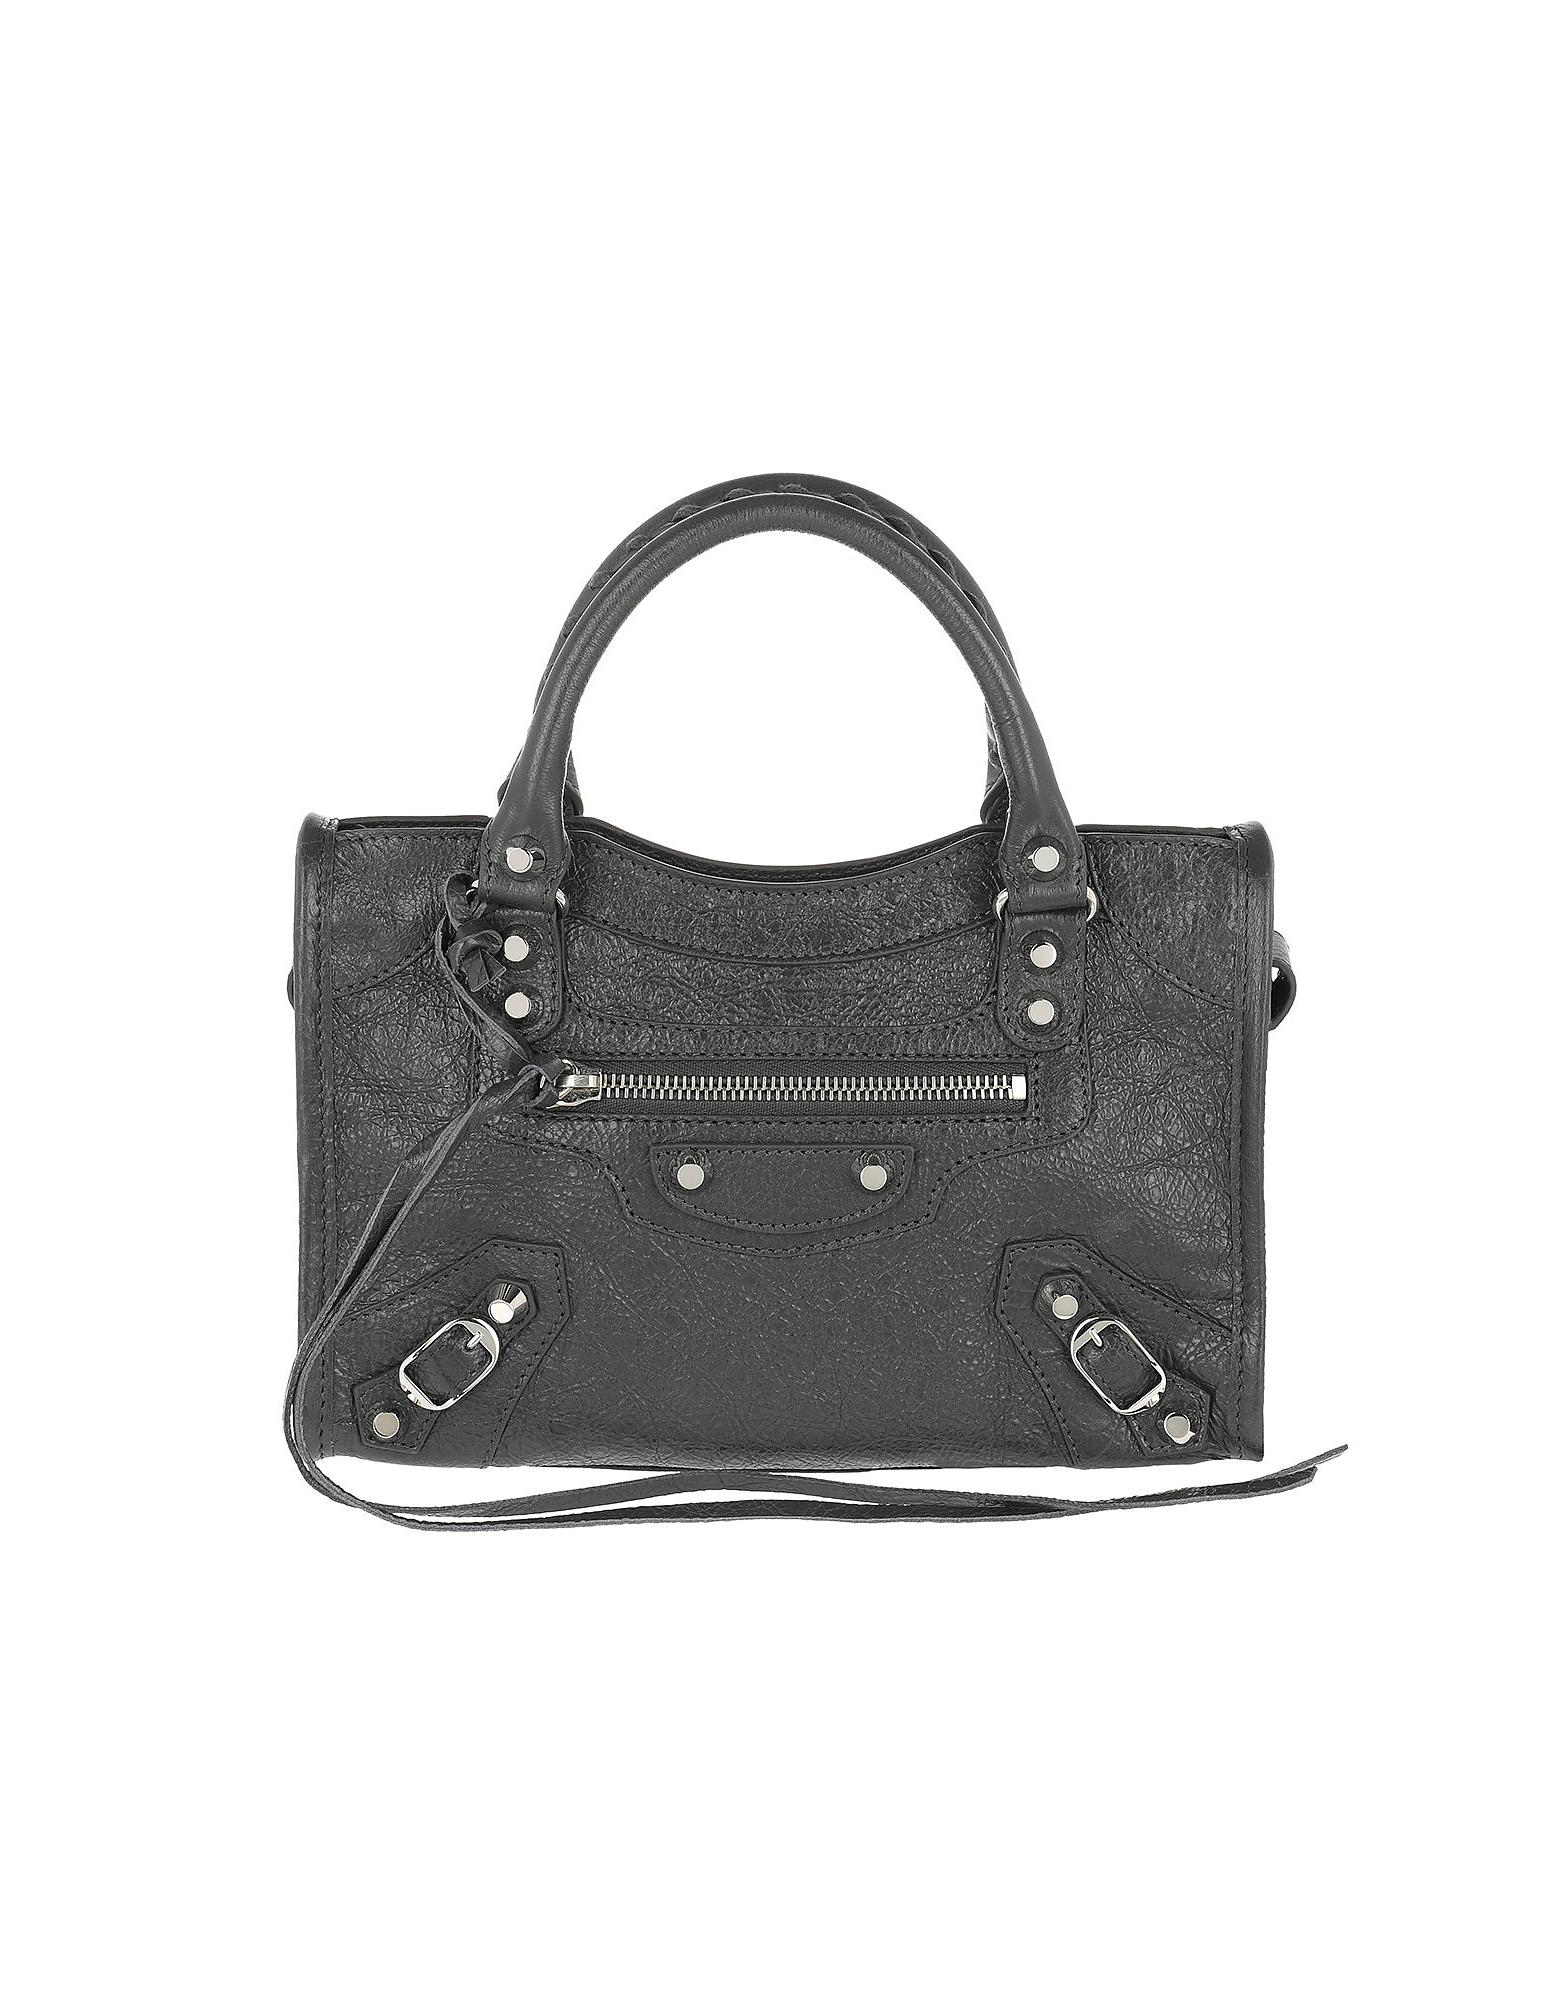 Balenciaga Handbags, Mini Classic City Shoulder Bag Leather Grey